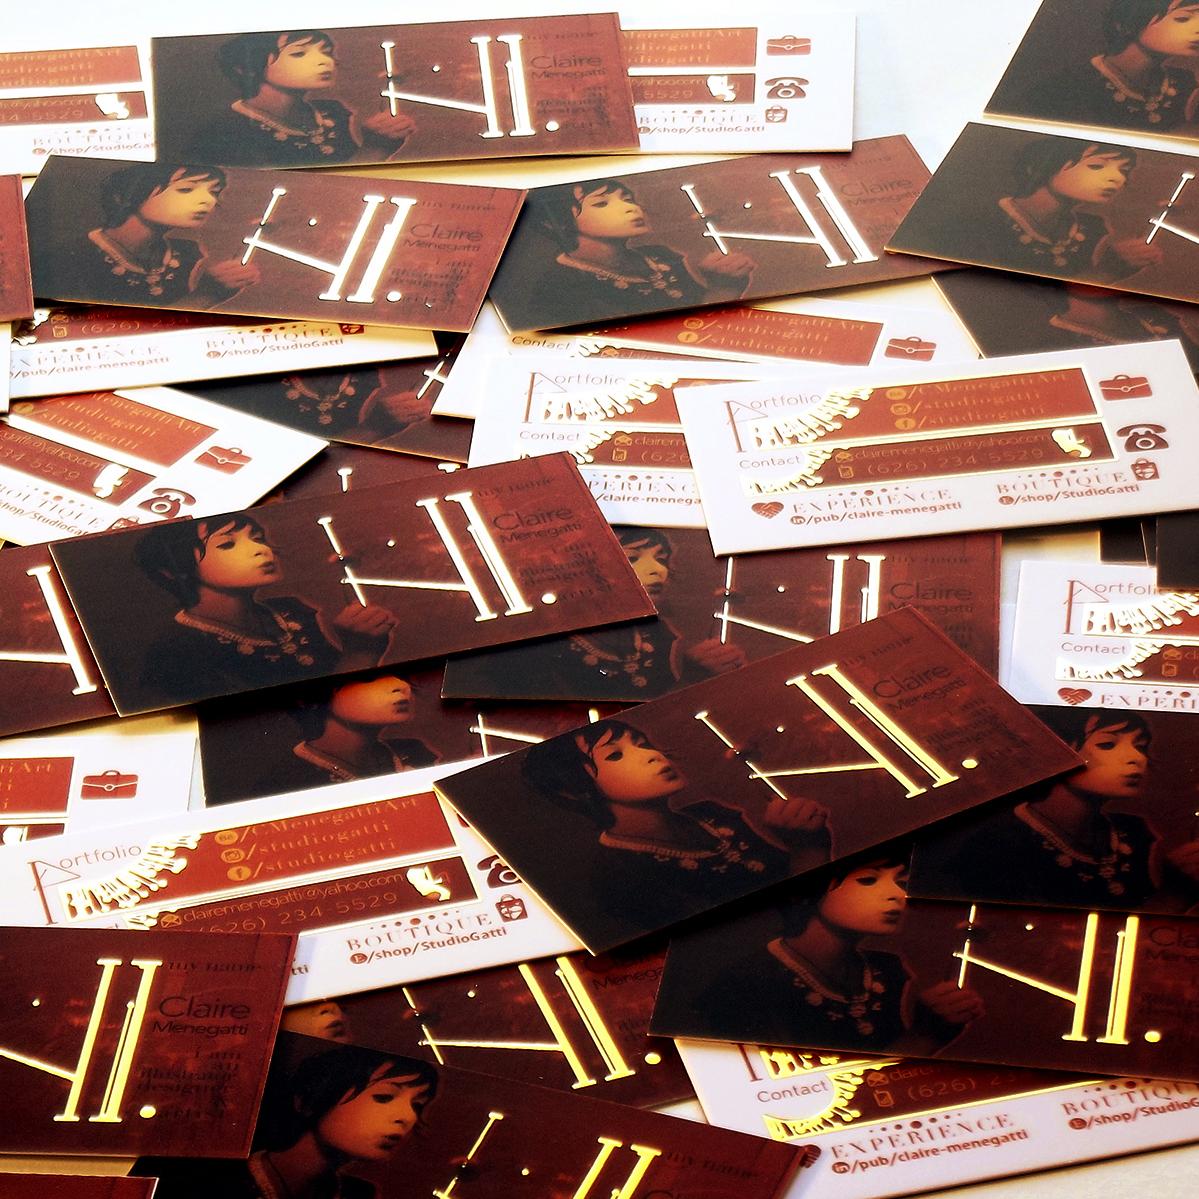 Business Card_Studio Gatti_Claire Menega